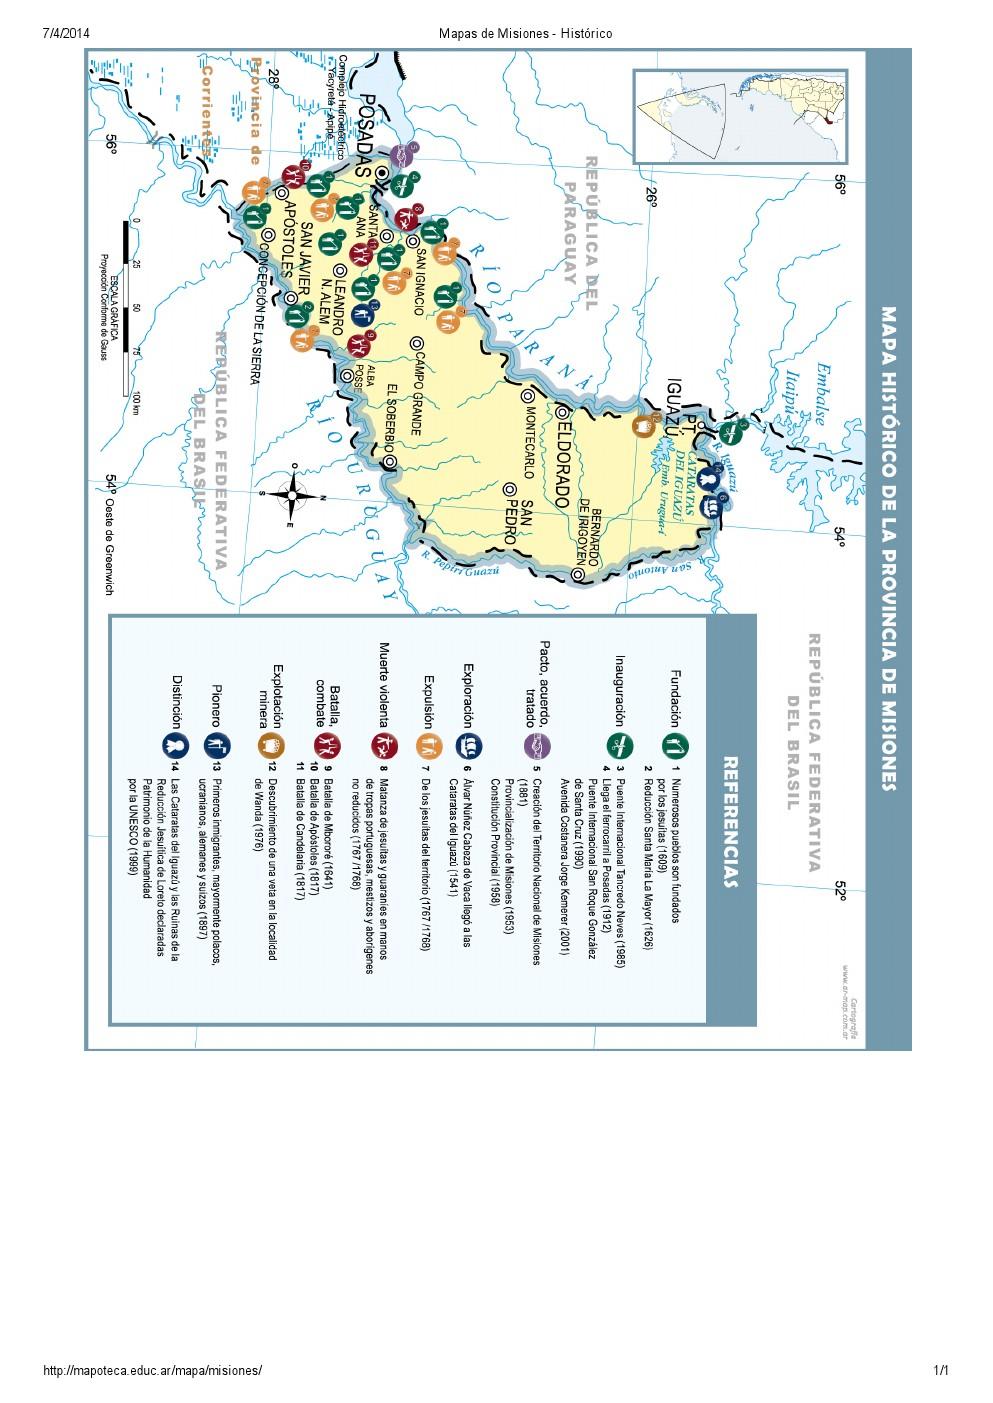 Mapa histórico de Misiones. Mapoteca de Educ.ar